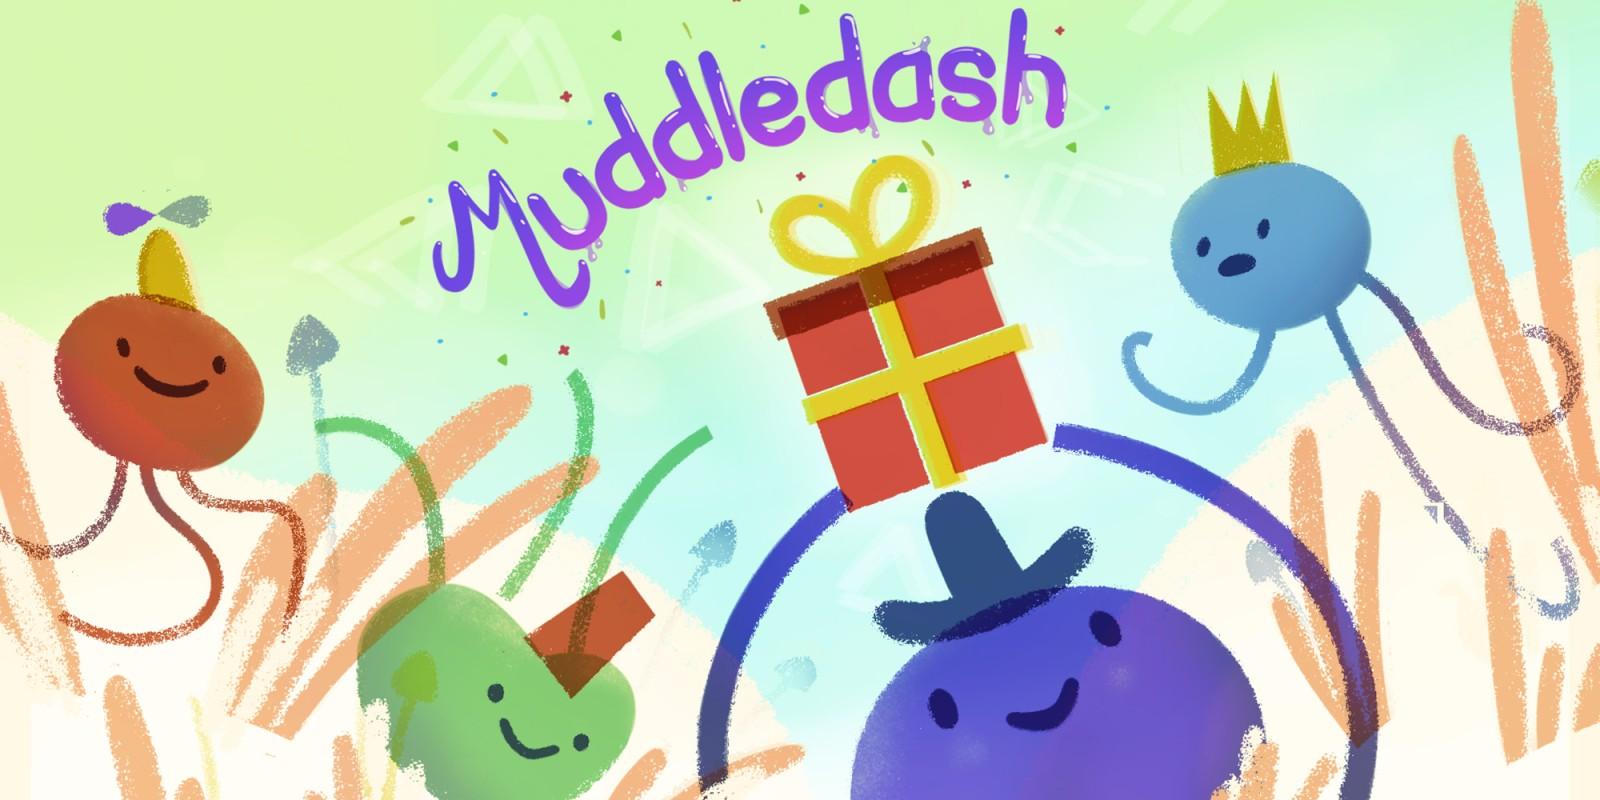 Muddledash   Nintendo Switch download software   Games   Nintendo